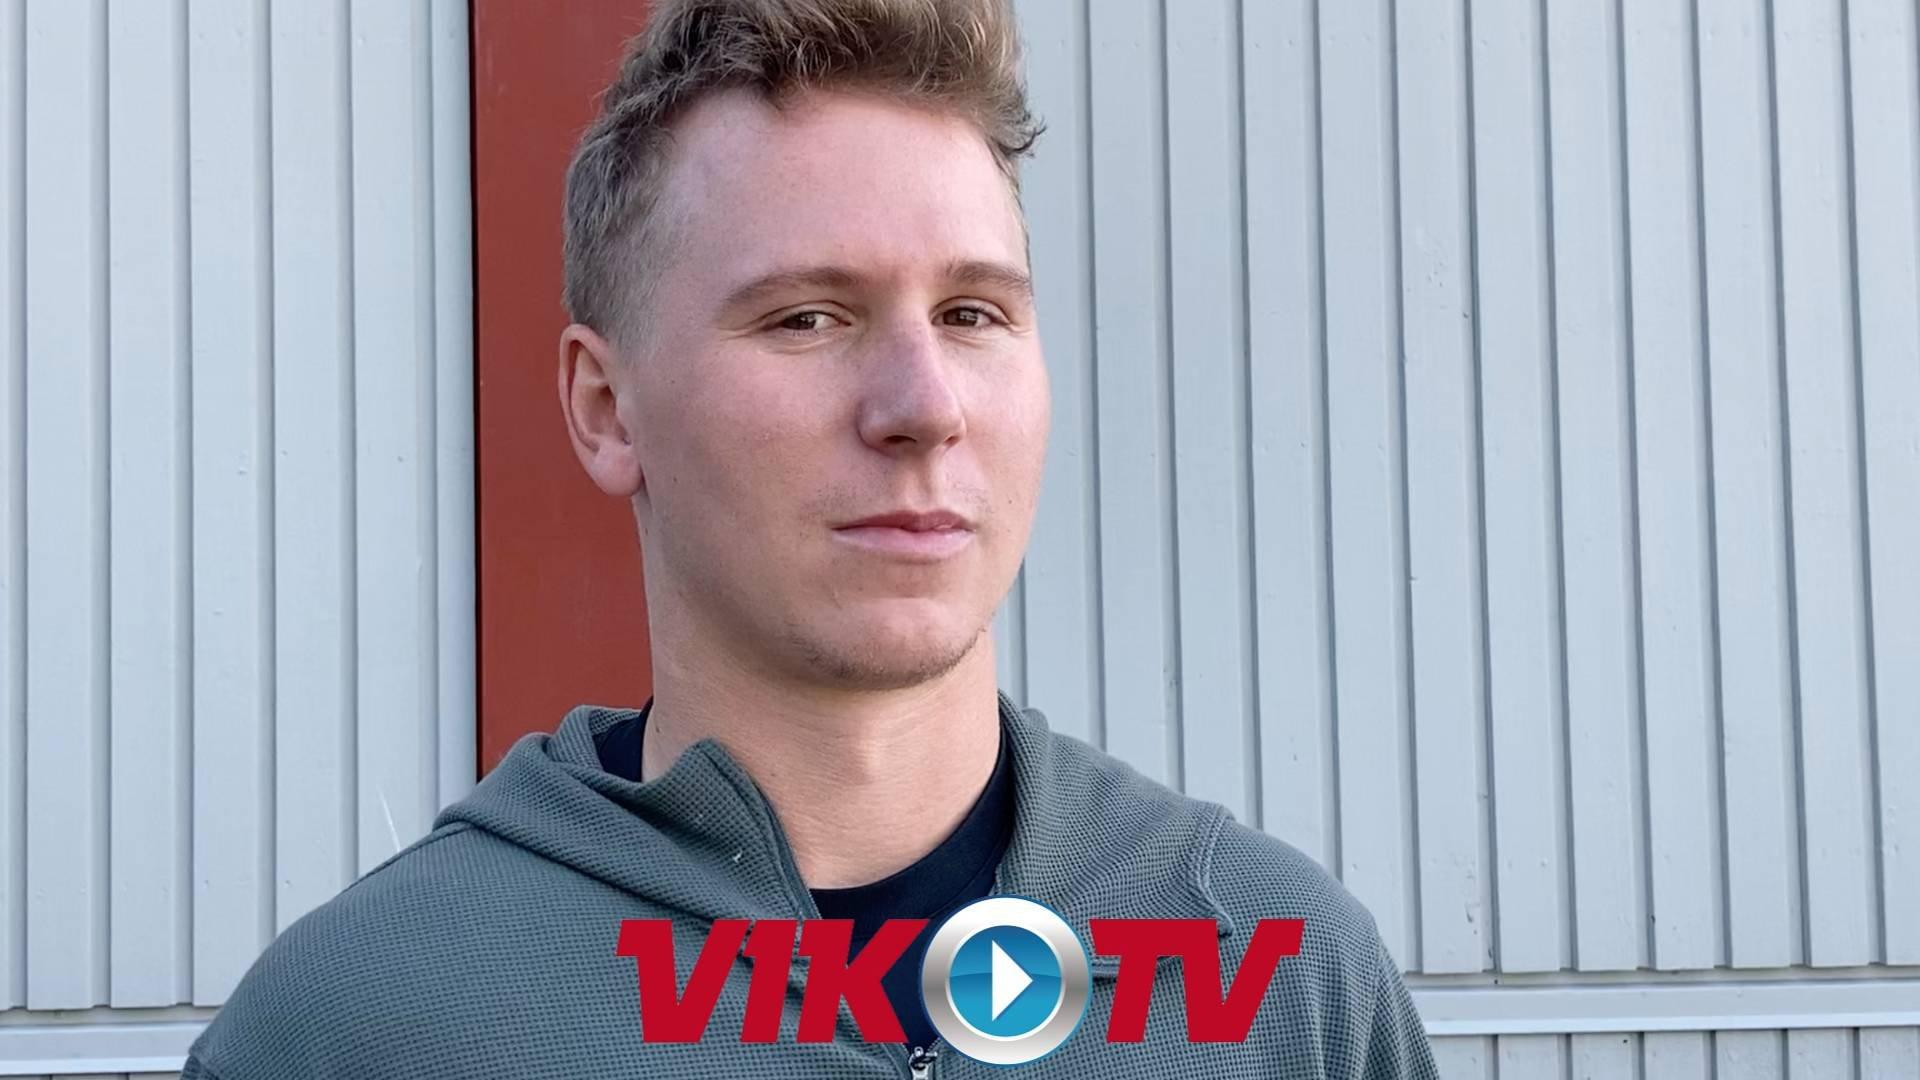 Intervju med Josh Wilkins.